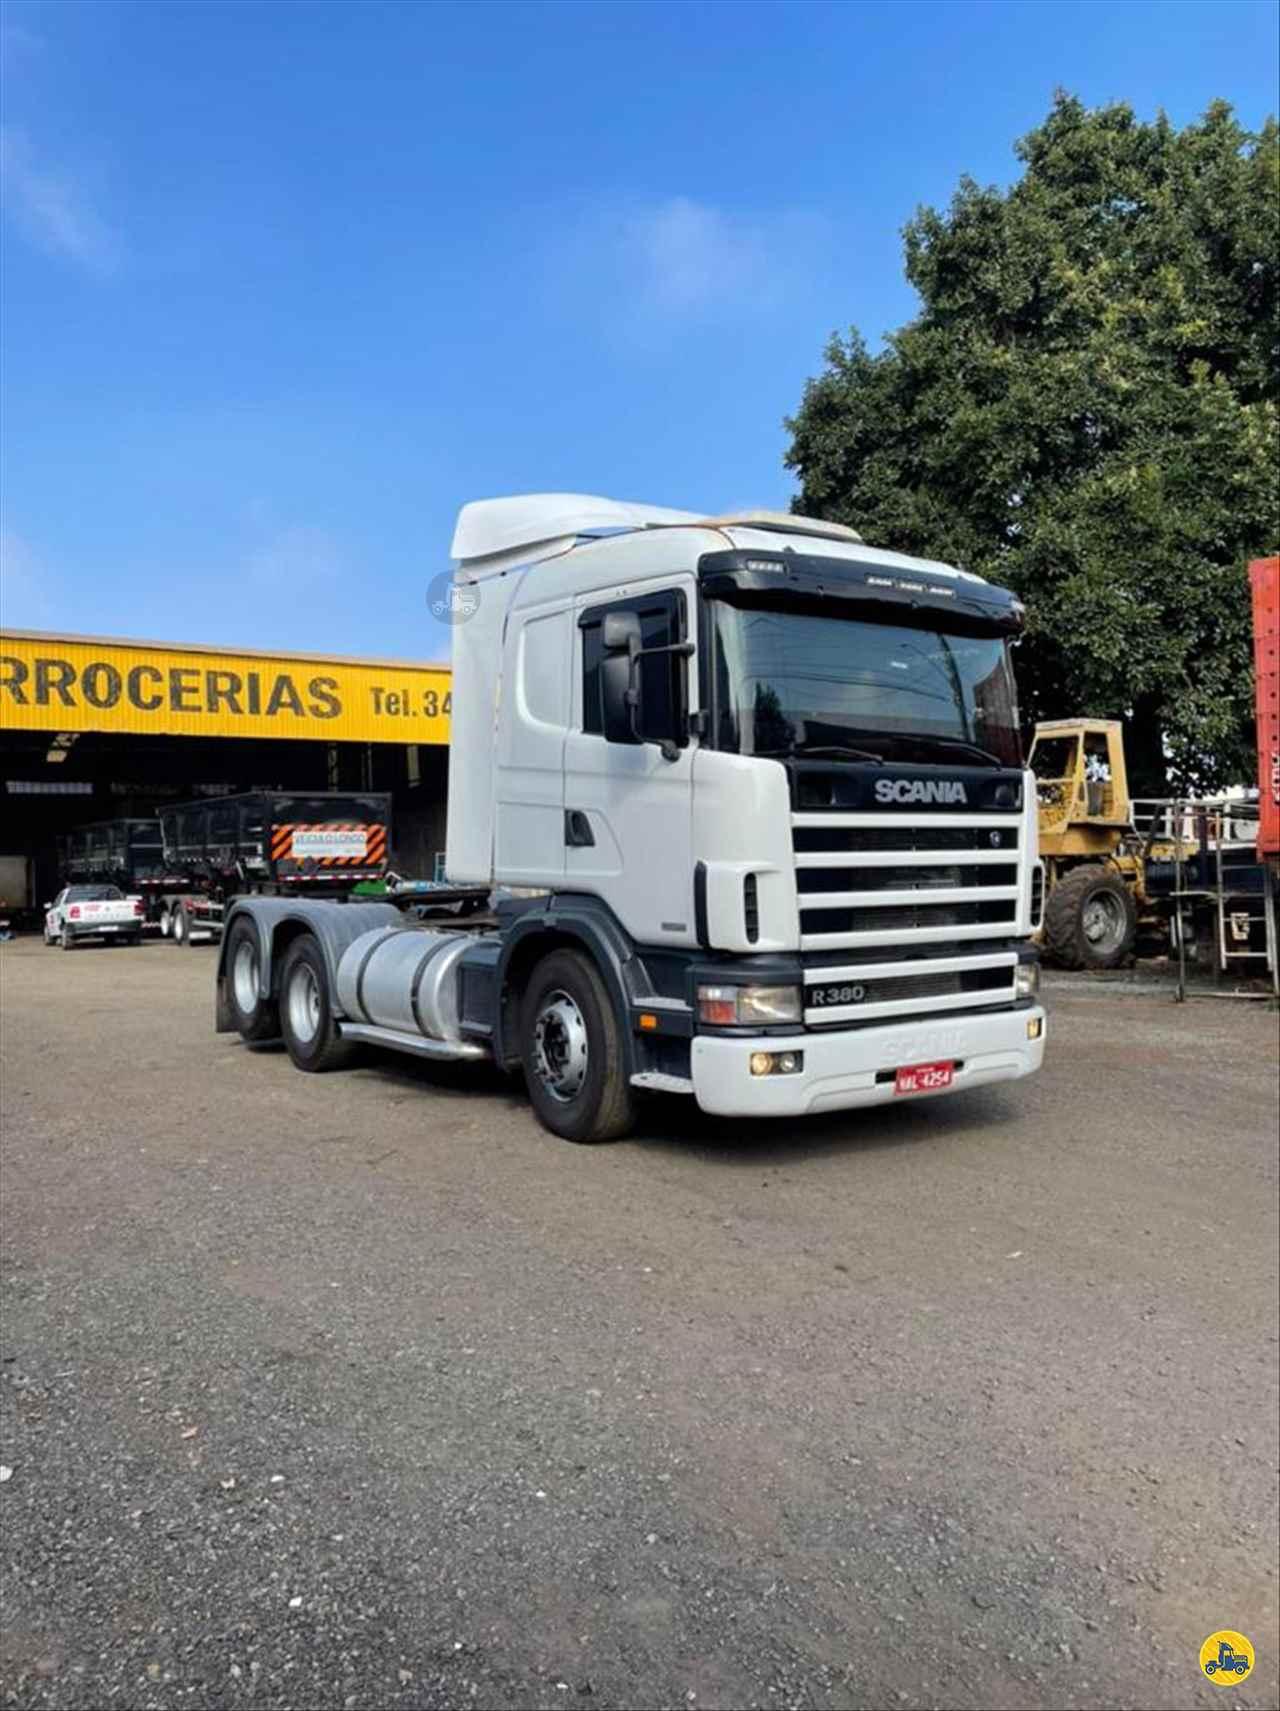 SCANIA 380 de 4K Caminhões - Araras - ARARAS/SP